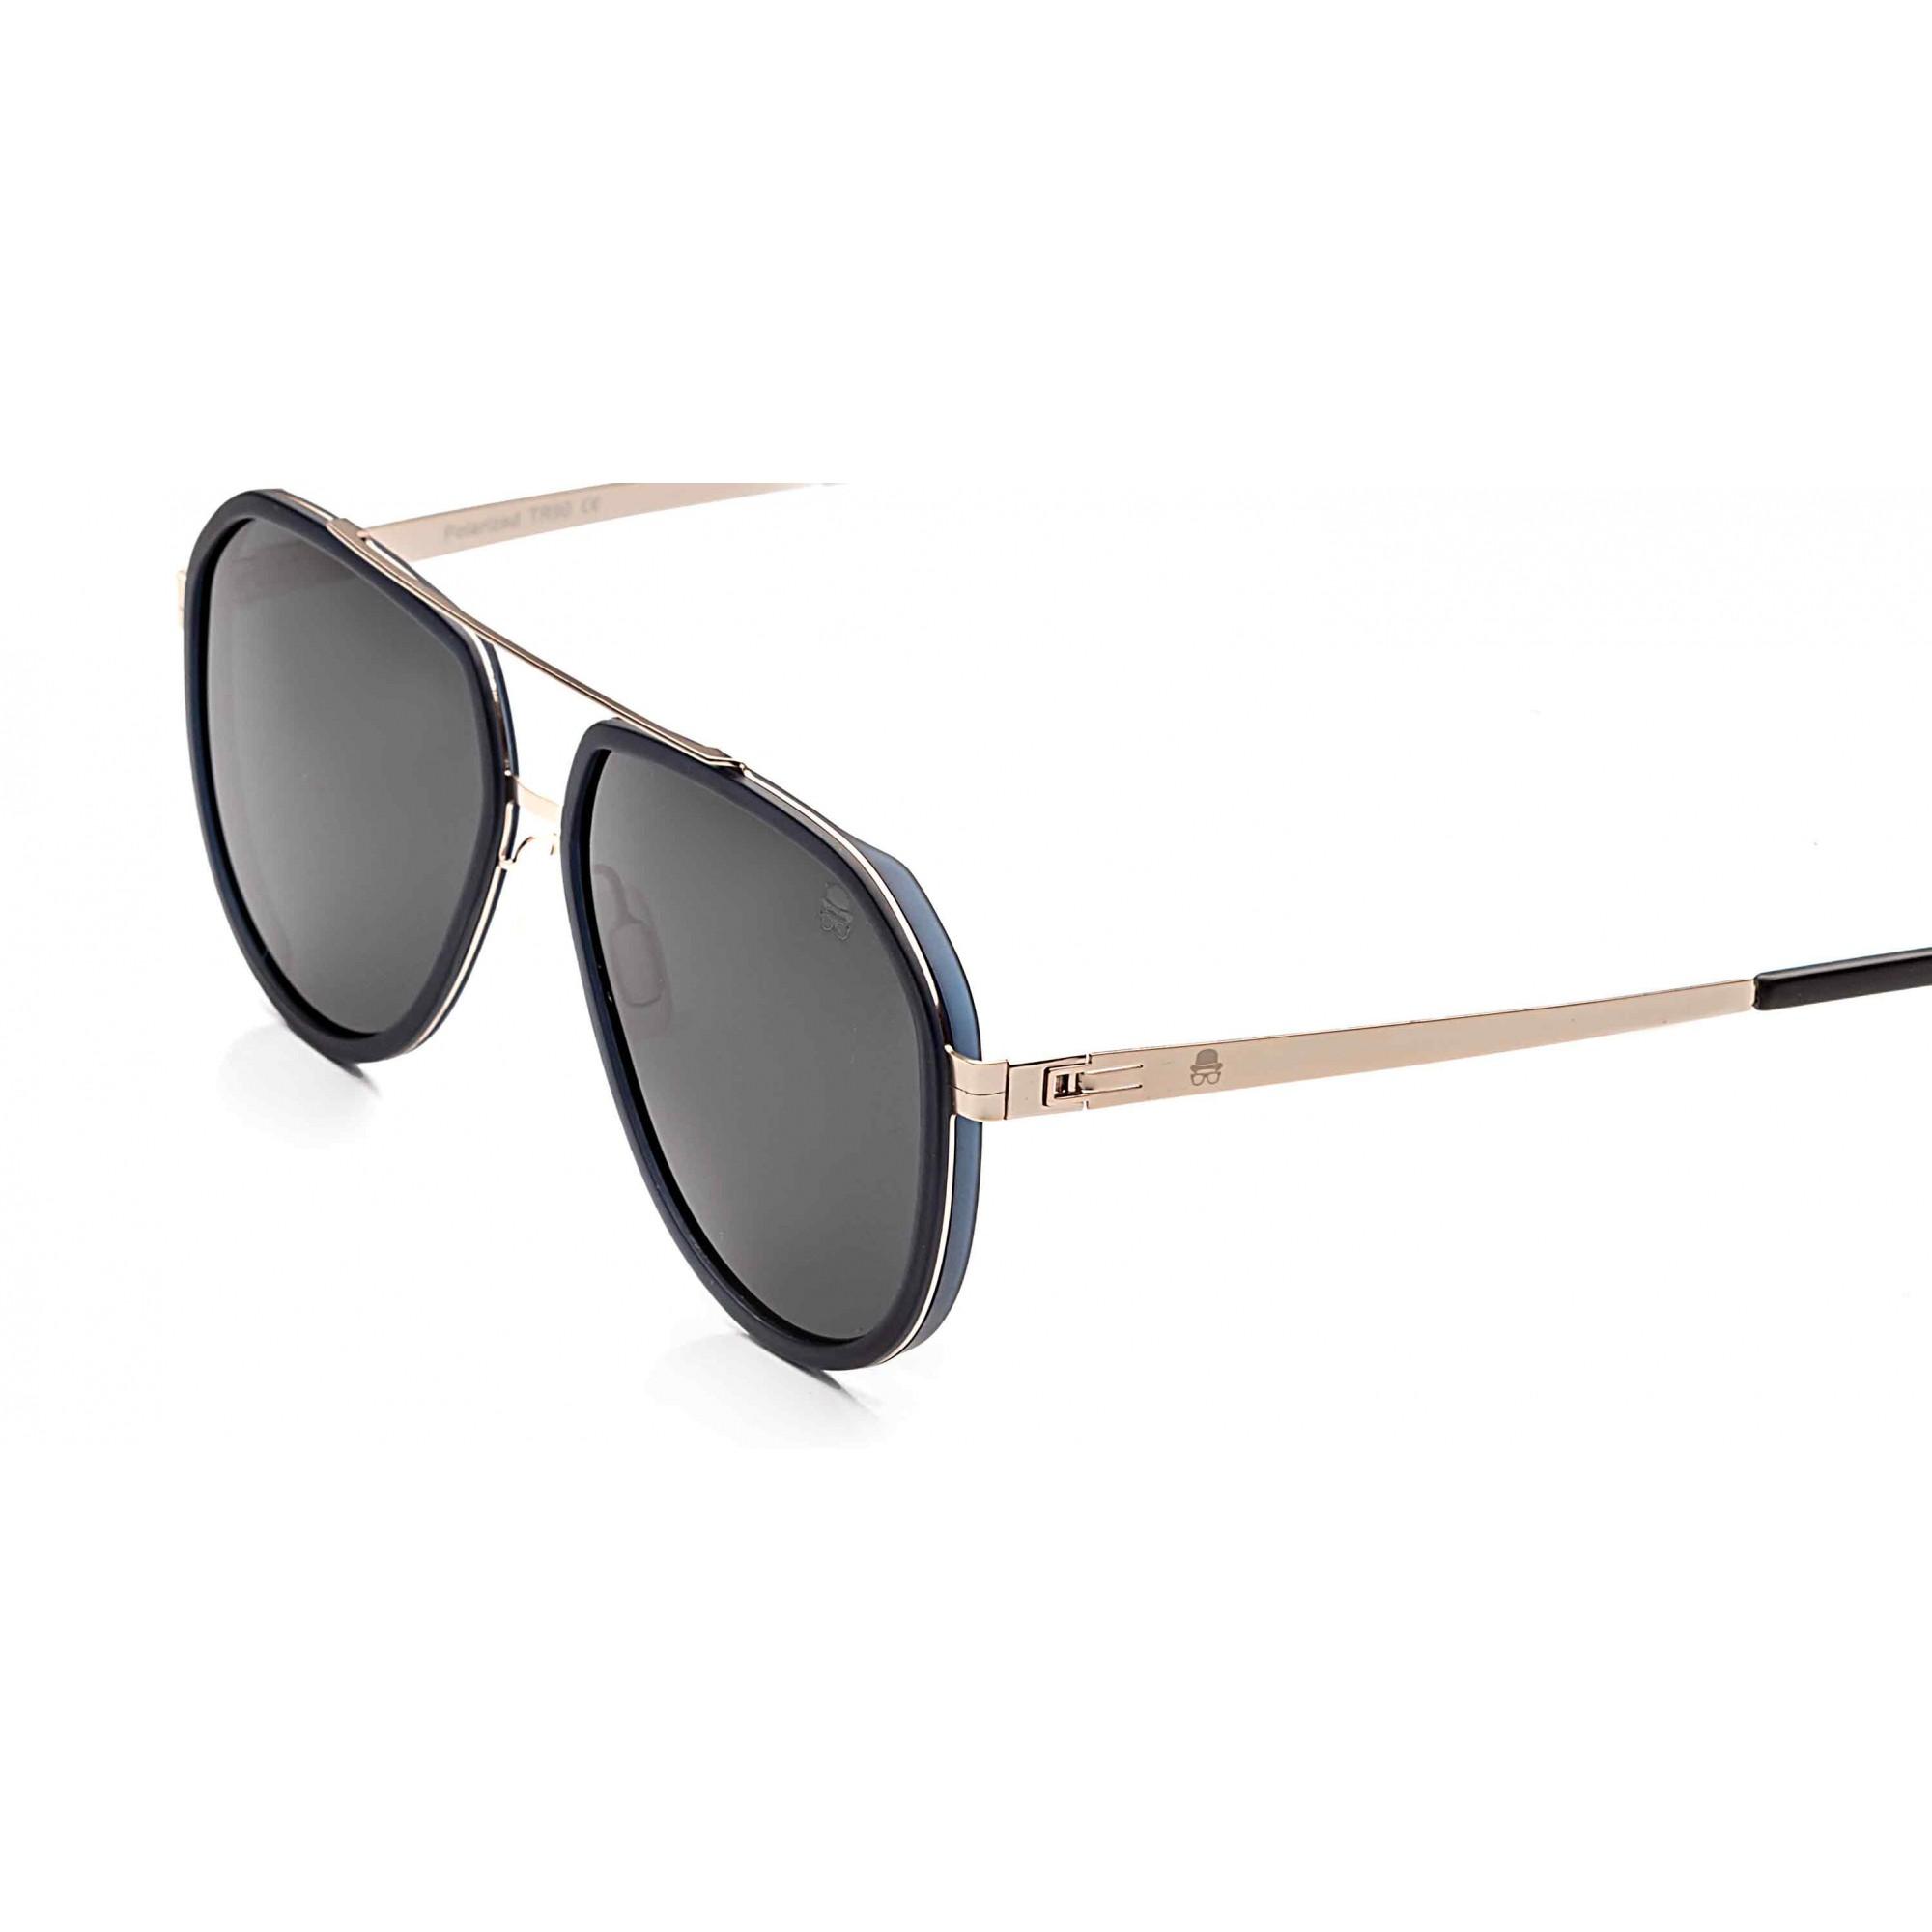 Thor - Rafael Lopes Eyewear